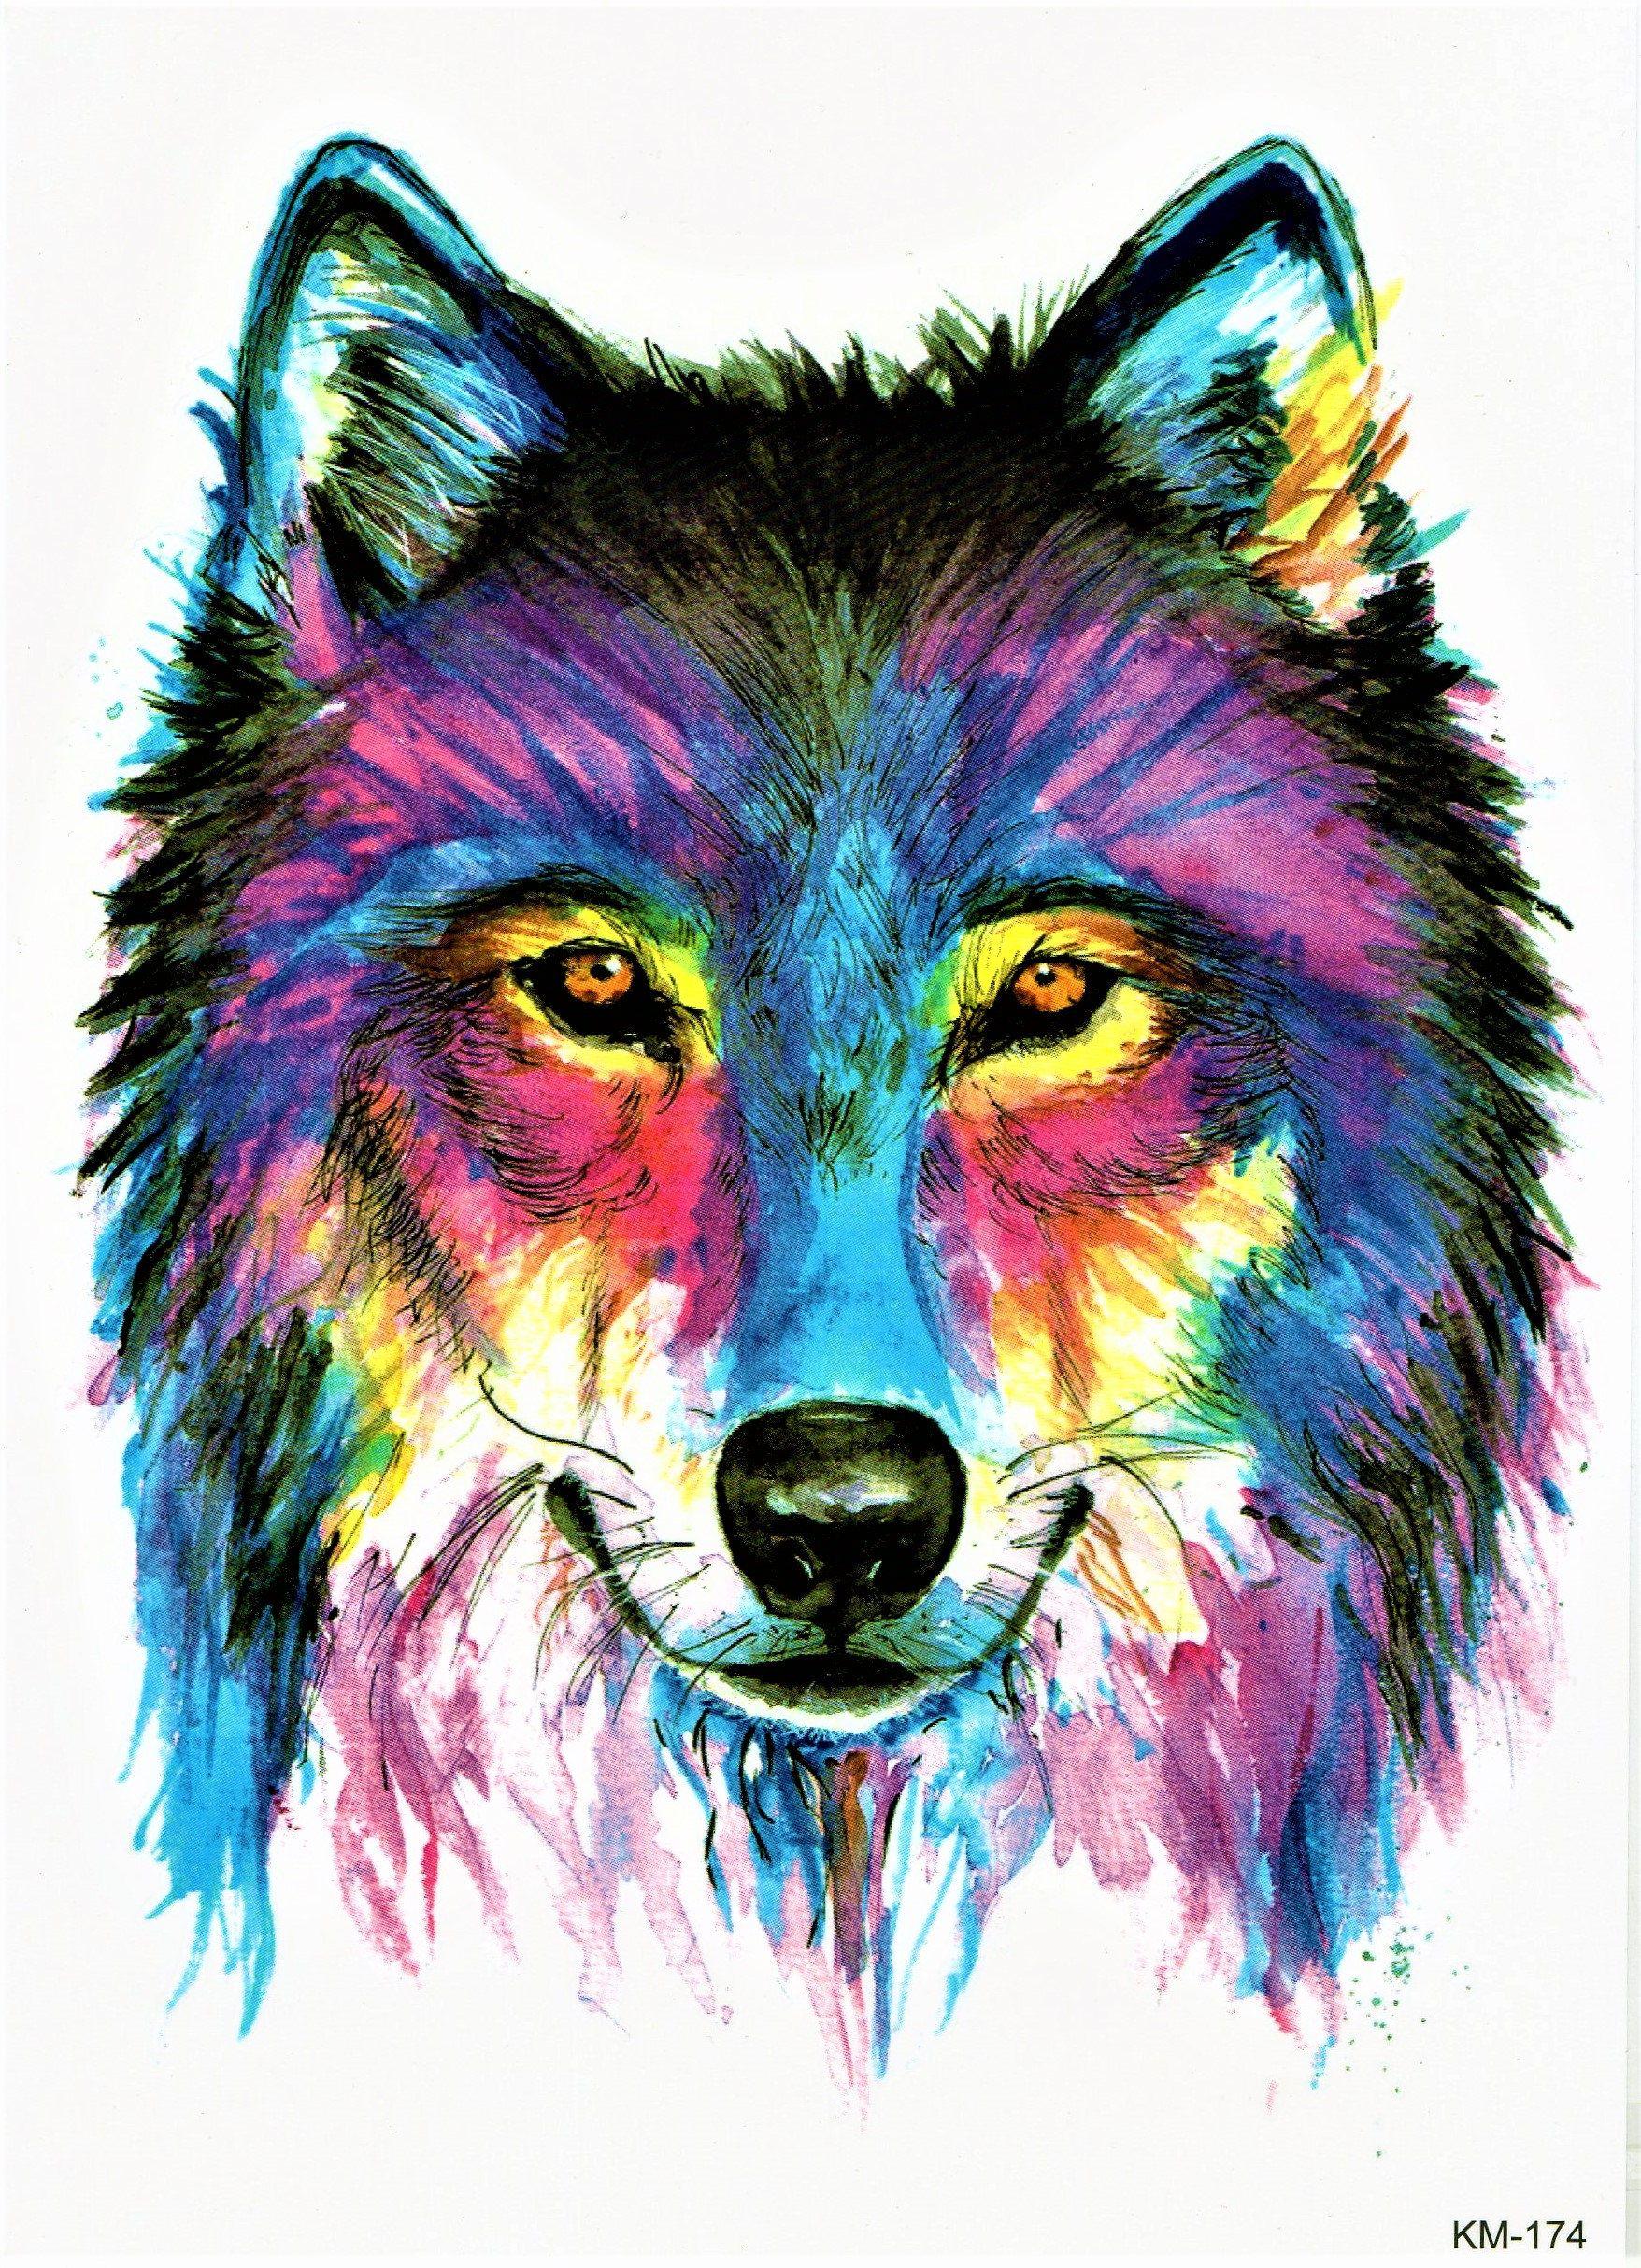 65acba5ca0801 Wolf Blut Tier Jagd Wild Toll Bunt Malerei Temporary Temporäre Klebe Einmal  Tattoo 15 x 21 cm KM174 von OneWeekTattoos auf Etsy